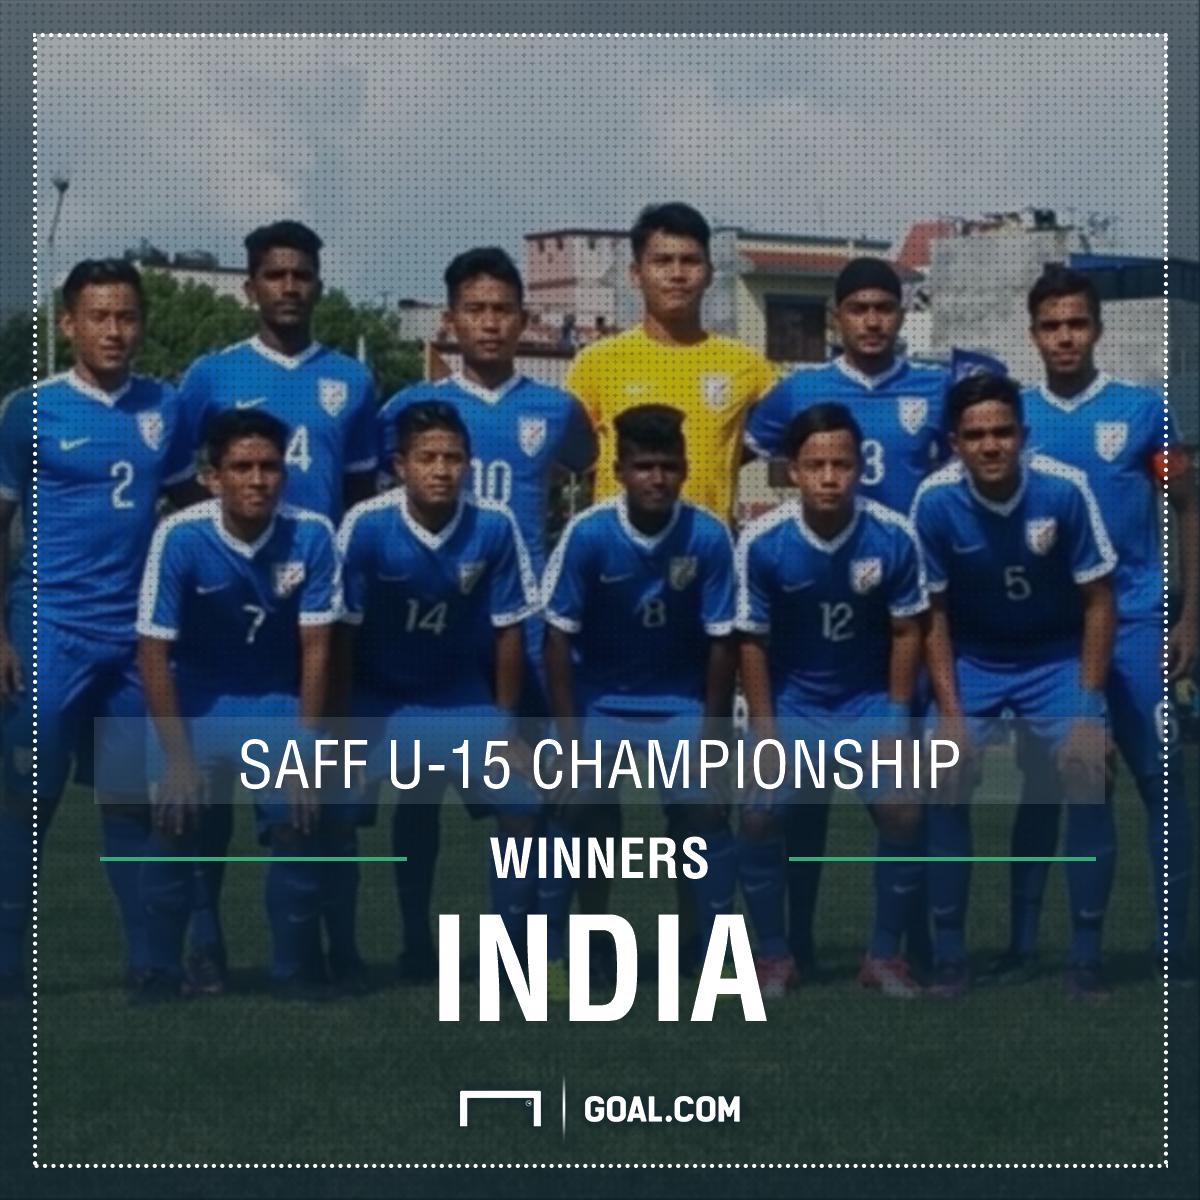 India U-15 winners SAFF